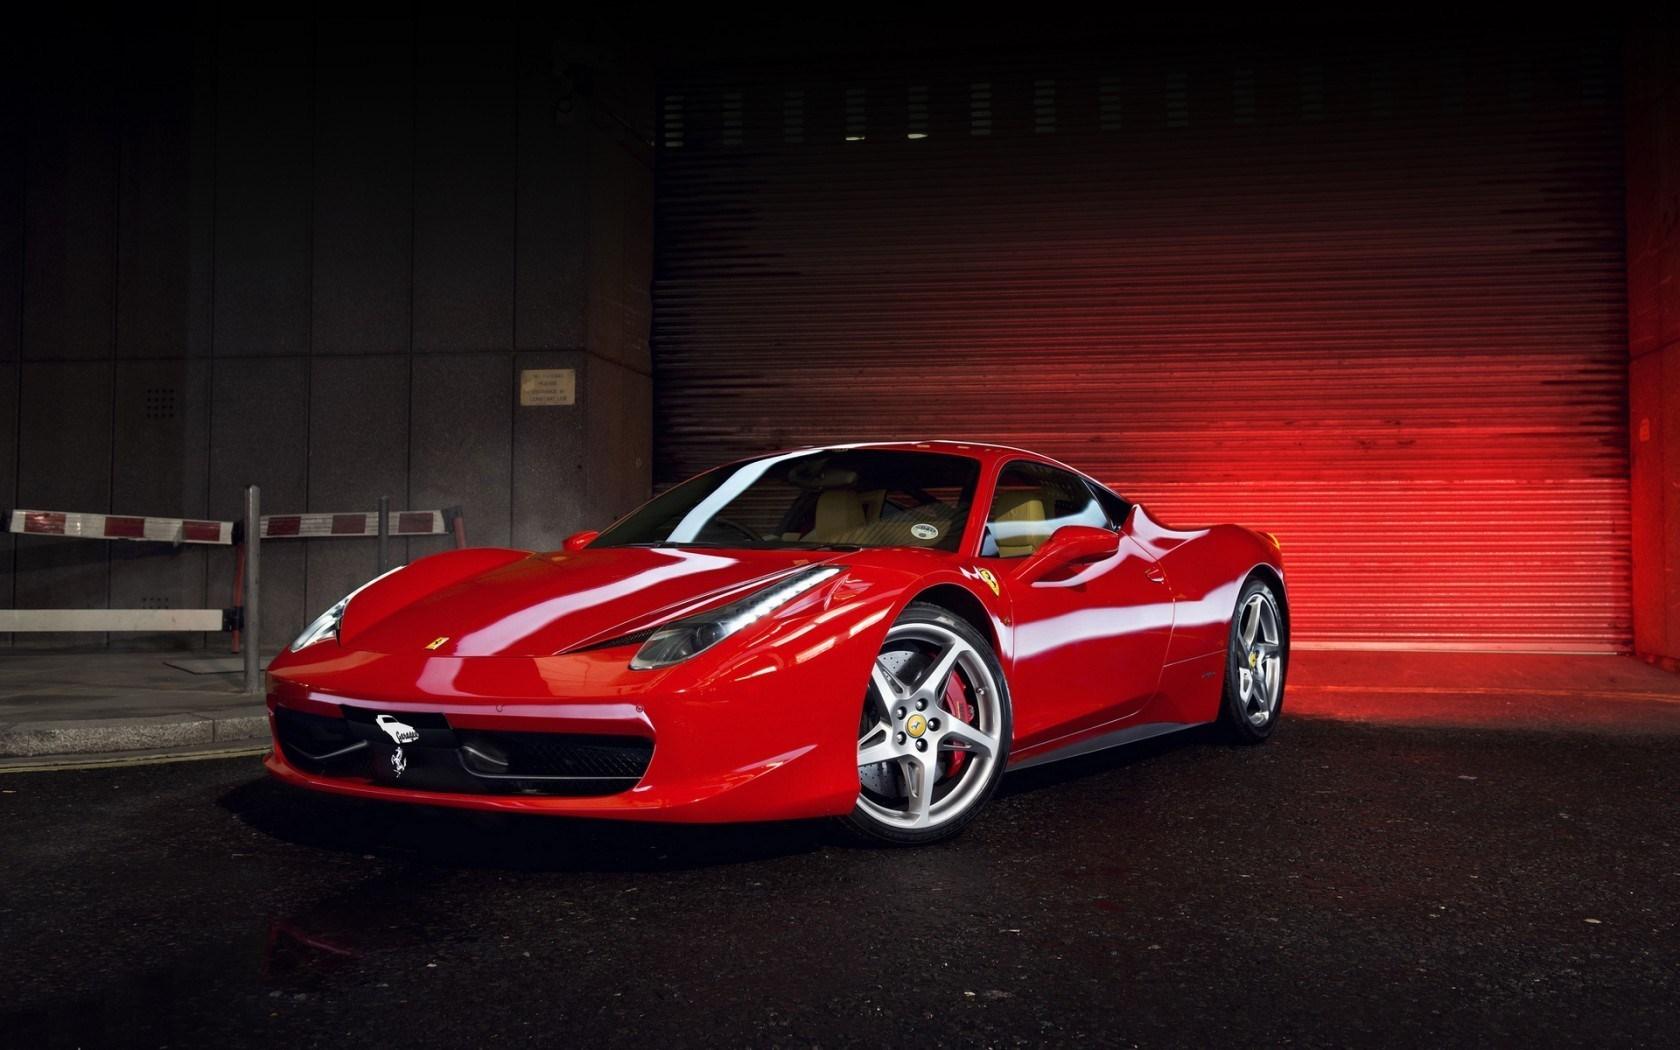 Cool Ferrari 458 Wallpaper